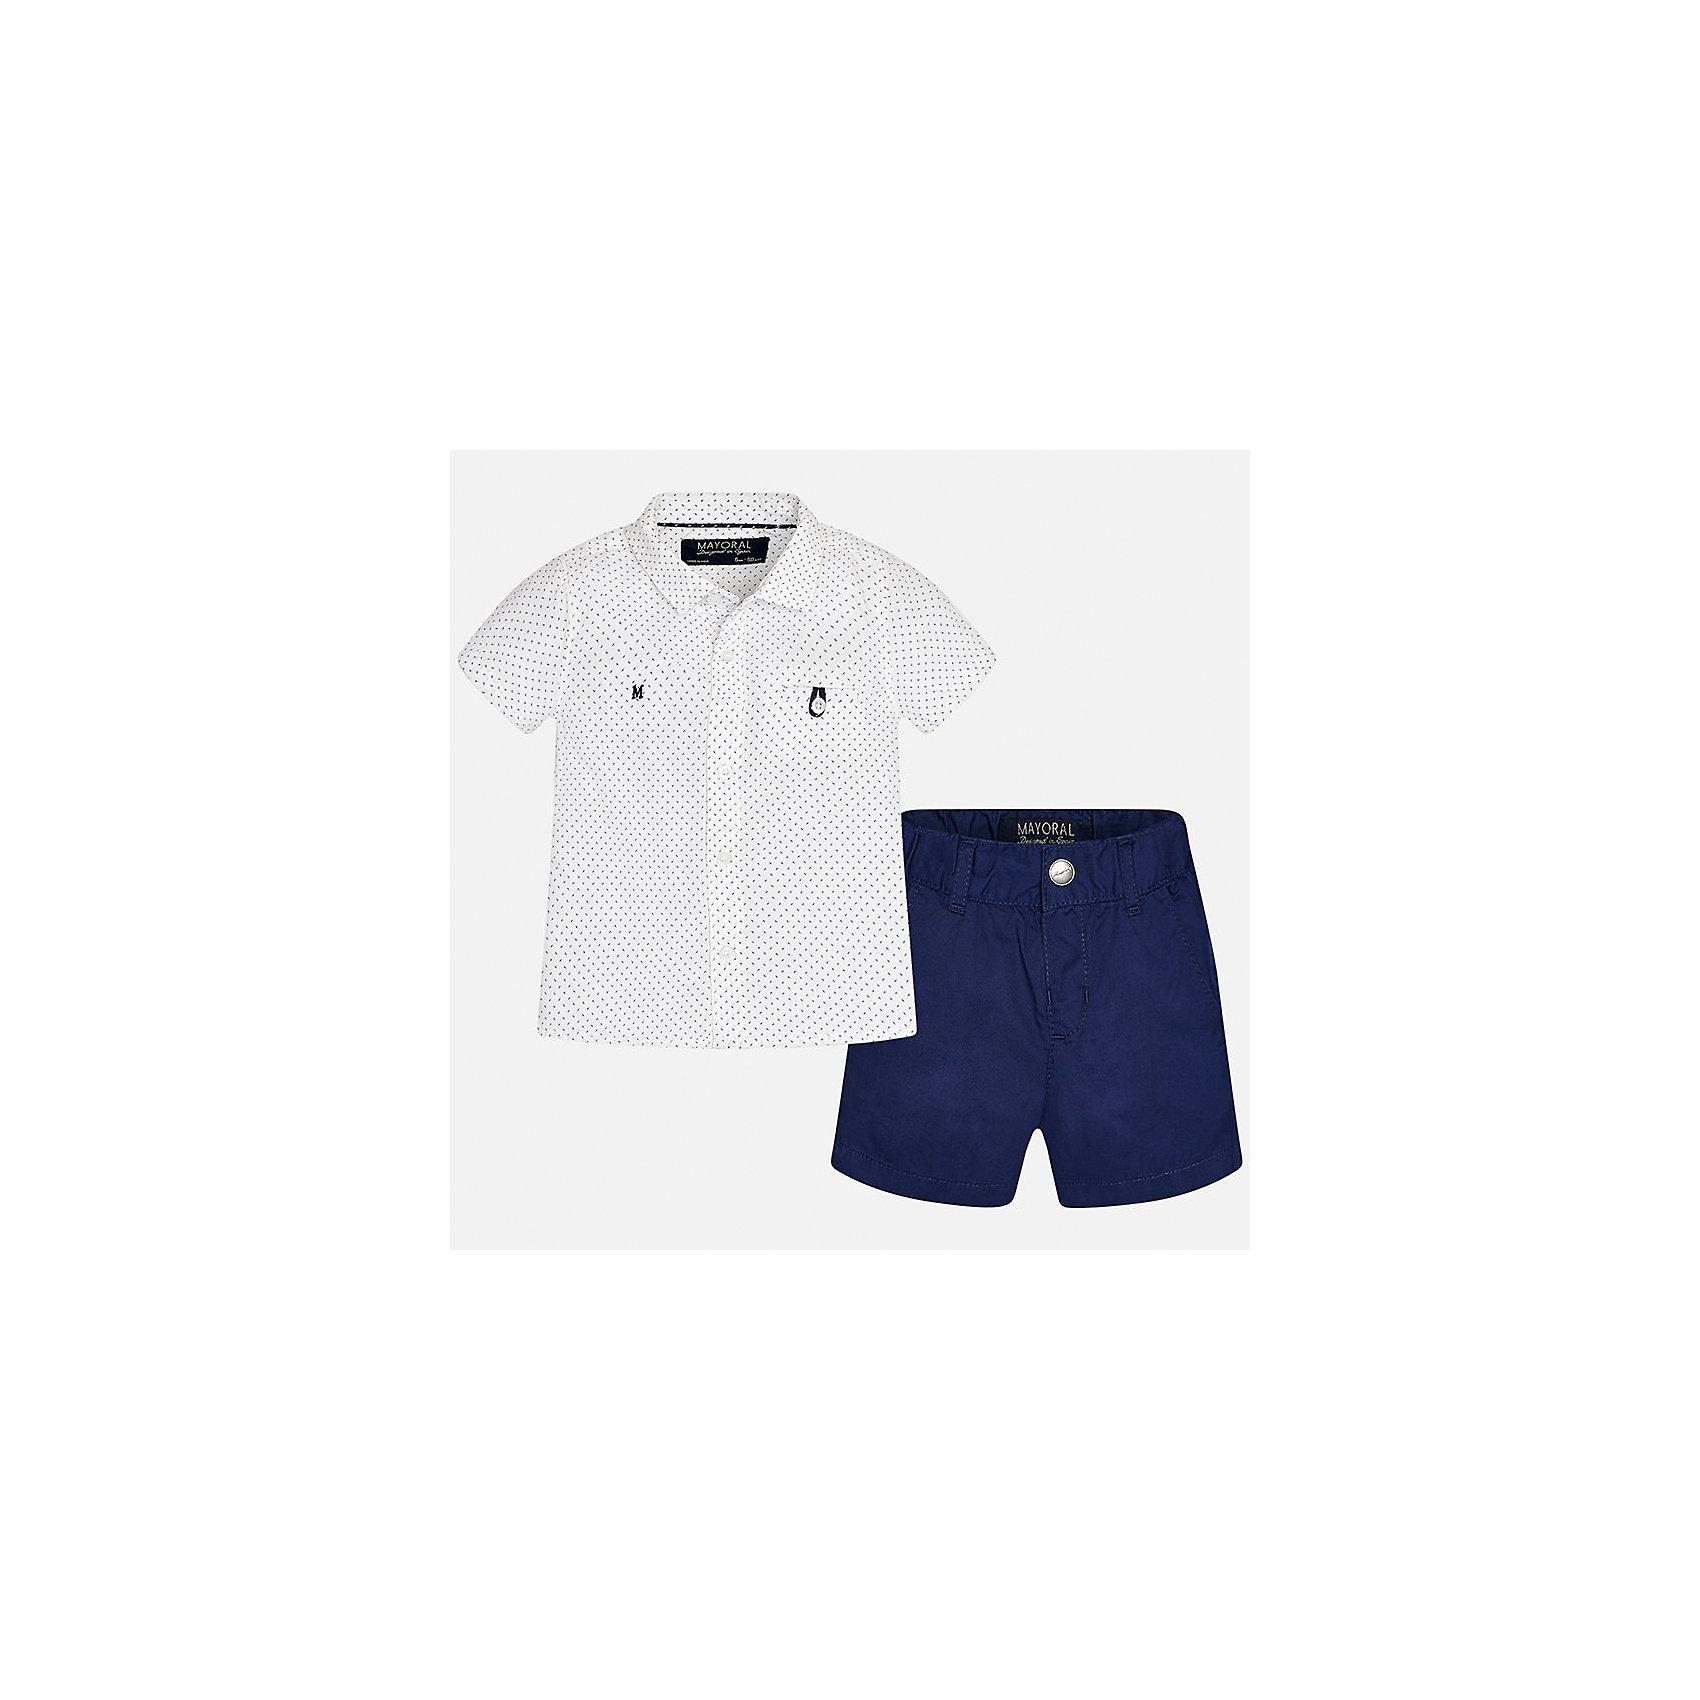 Комплект: шорты и рубашка для мальчика MayoralКомплекты<br>Характеристики товара:<br><br>• цвет: белый/синий<br>• состав: 100% хлопок<br>• комплектация: футболка, шорты<br>• рубашка декорирована вышивкой<br>• отложной воротник, короткие рукава<br>• шорты однотонные<br>• шлевки<br>• пояс регулируется<br>• страна бренда: Испания<br><br>Красивый качественный комплект для мальчика поможет разнообразить гардероб ребенка и удобно одеться в теплую погоду. Он отлично сочетается с другими предметами. Универсальный цвет позволяет подобрать к вещам верхнюю одежду практически любой расцветки. Интересная отделка модели делает её нарядной и оригинальной. В составе материала - только натуральный хлопок, гипоаллергенный, приятный на ощупь, дышащий.<br><br>Одежда, обувь и аксессуары от испанского бренда Mayoral полюбились детям и взрослым по всему миру. Модели этой марки - стильные и удобные. Для их производства используются только безопасные, качественные материалы и фурнитура. Порадуйте ребенка модными и красивыми вещами от Mayoral! <br><br>Комплект для мальчика от испанского бренда Mayoral (Майорал) можно купить в нашем интернет-магазине.<br><br>Ширина мм: 191<br>Глубина мм: 10<br>Высота мм: 175<br>Вес г: 273<br>Цвет: черный<br>Возраст от месяцев: 12<br>Возраст до месяцев: 18<br>Пол: Мужской<br>Возраст: Детский<br>Размер: 80,92,74,86<br>SKU: 5279527